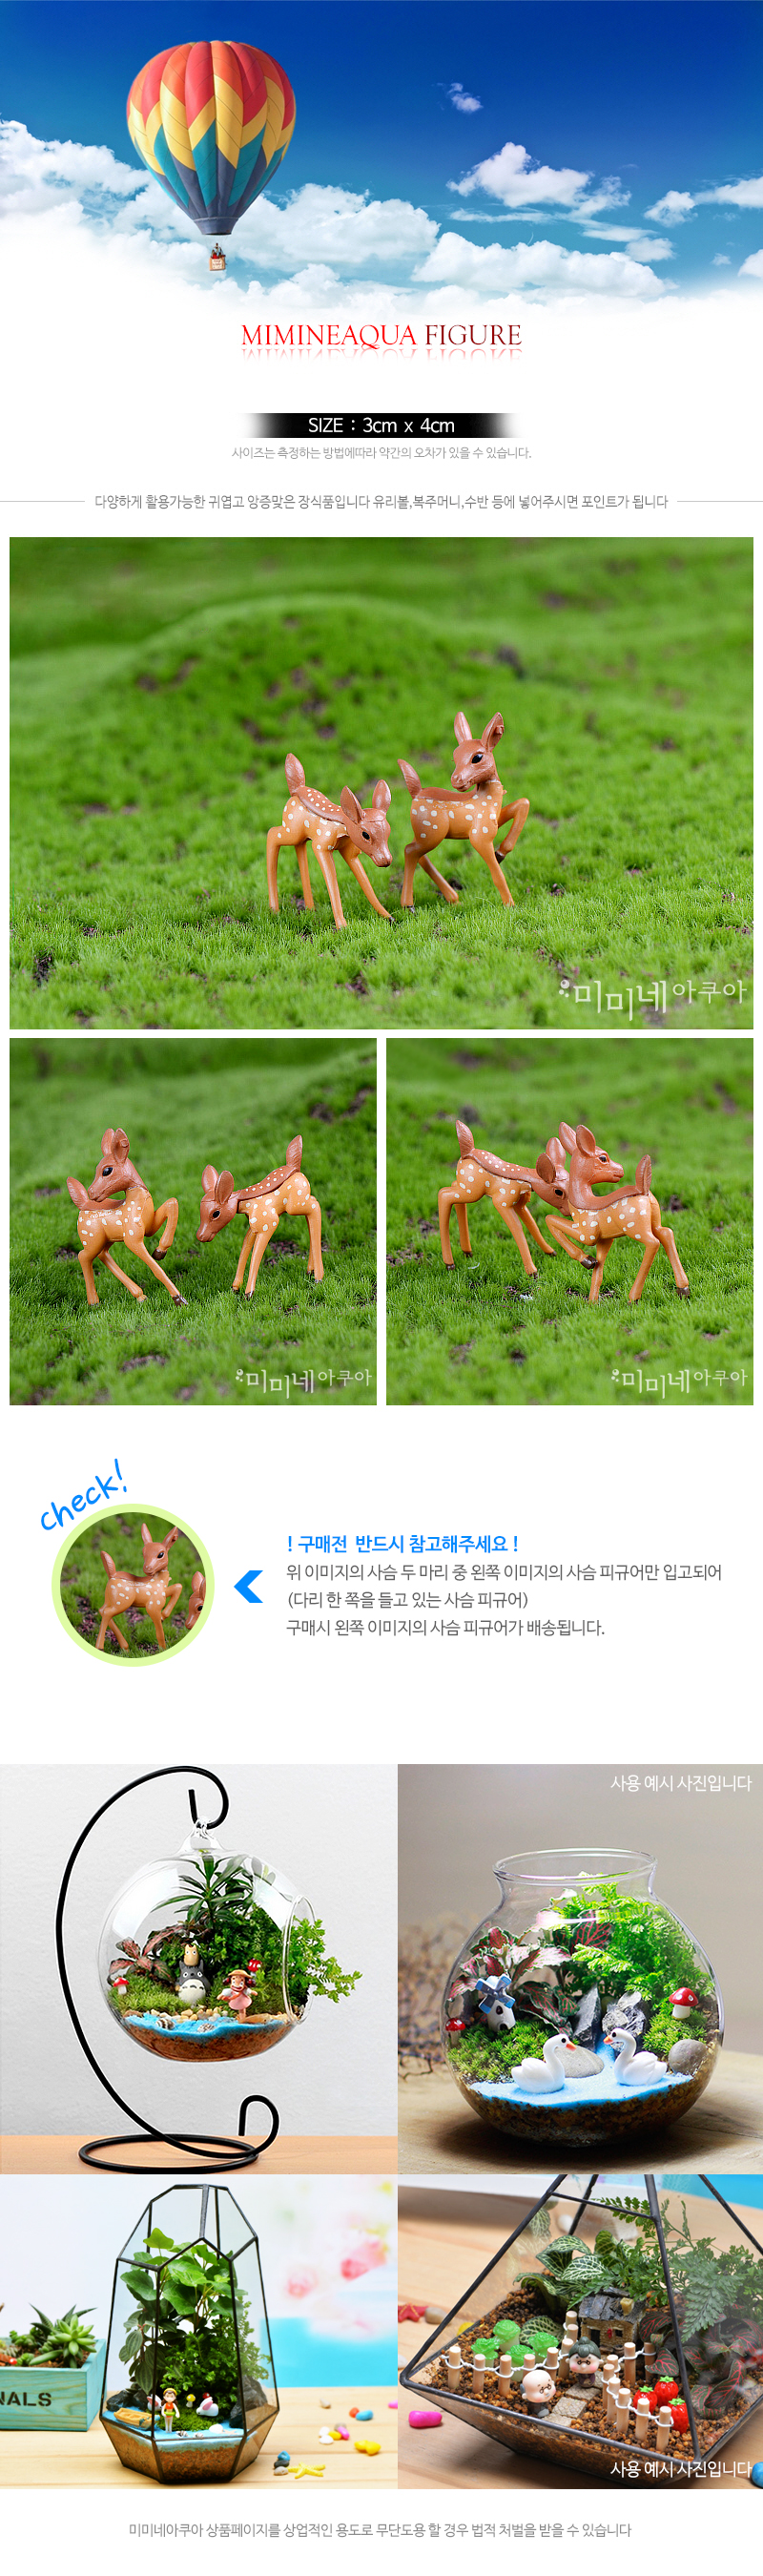 피규어 사슴 1개 - 미미네아쿠아, 1,600원, 장식품, 기타 장식품